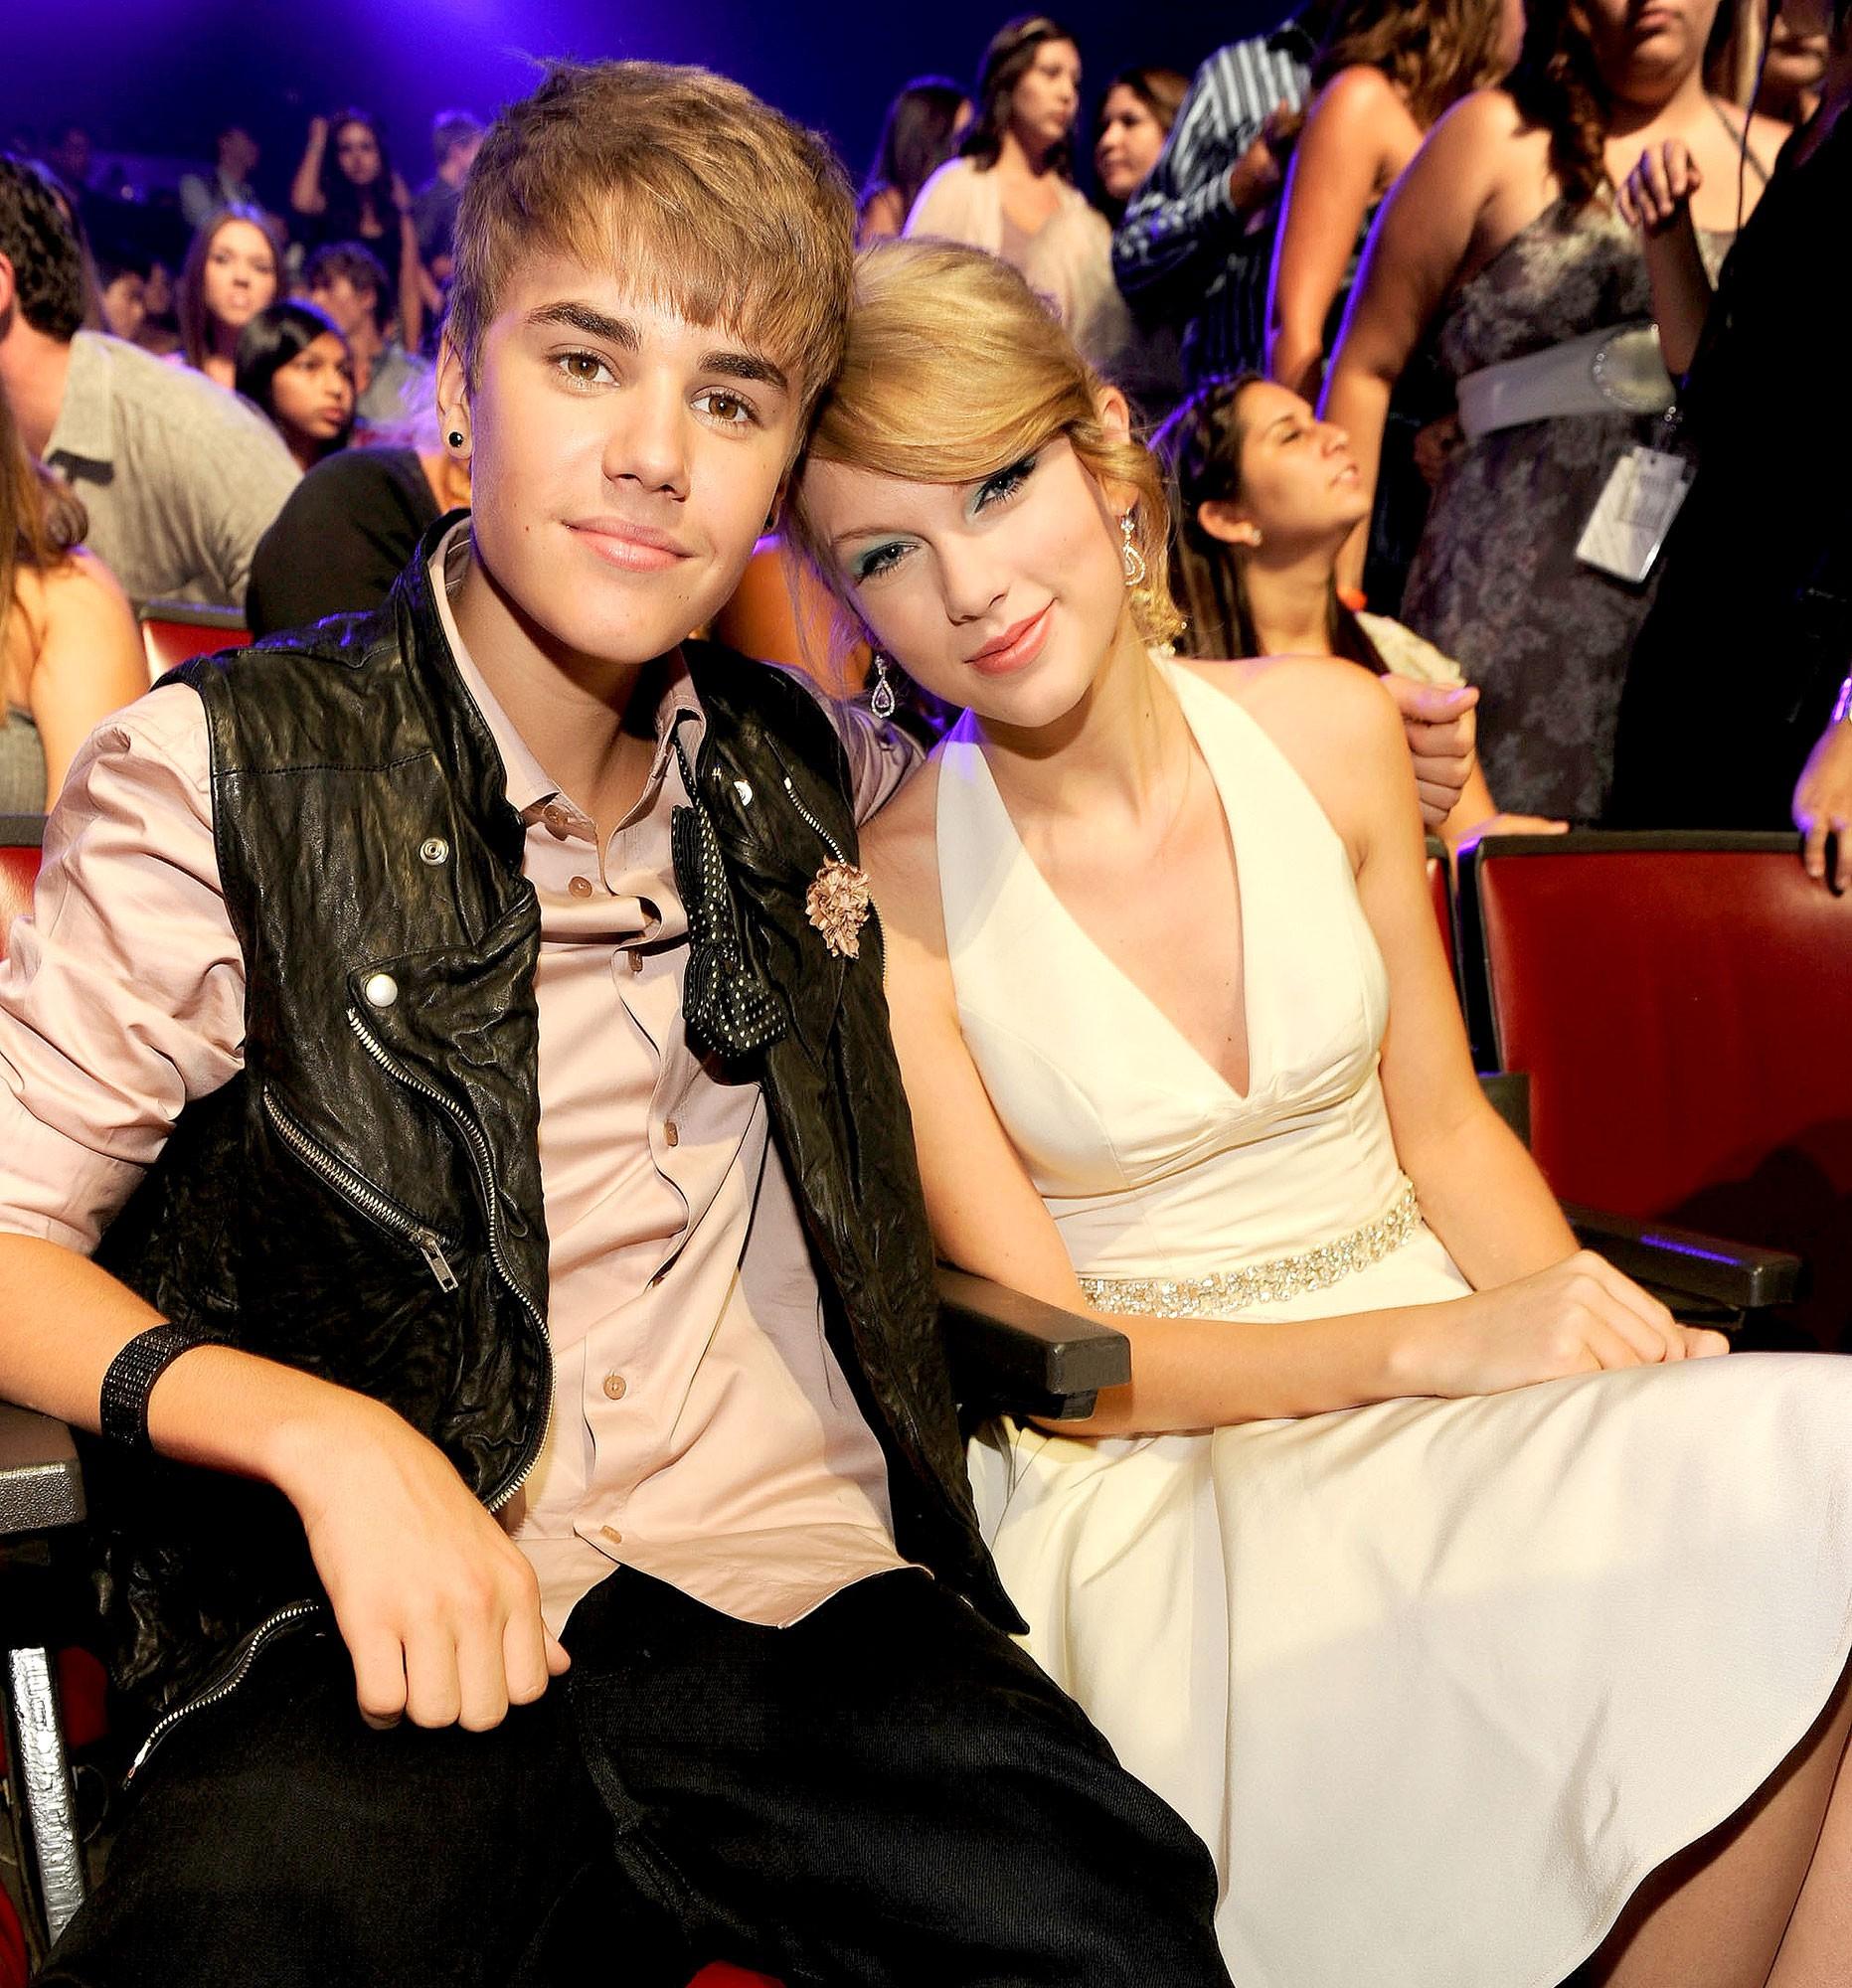 Ai ngờ trước khi cạch mặt, Taylor Swift và Justin Bieber đã từng thân đến mức tưởng chị chị em em mãi mãi bền lâu - Ảnh 5.